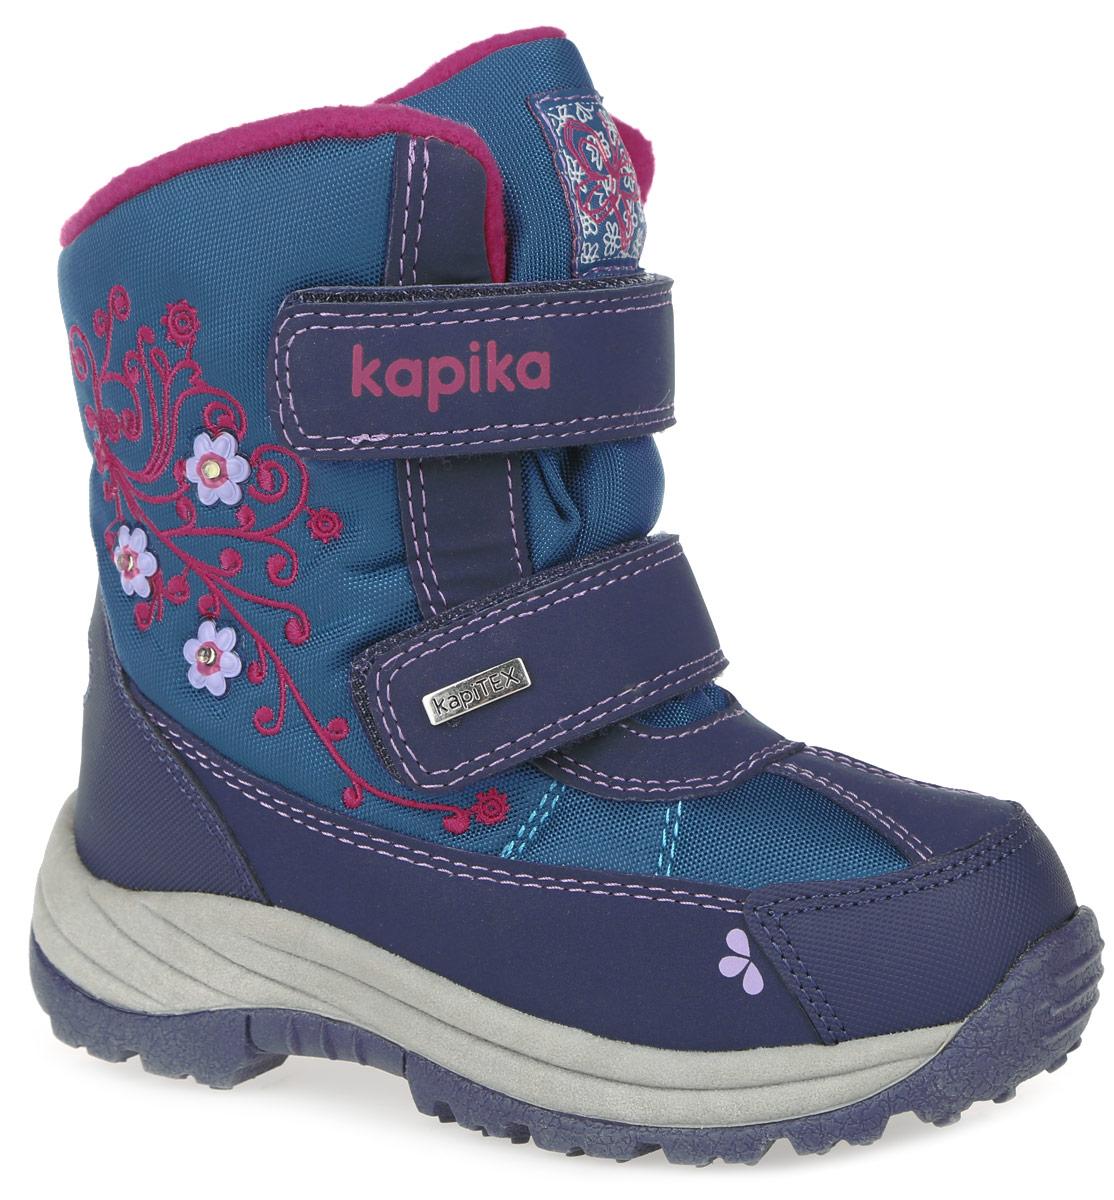 Ботинки для девочки. 42155-242155-2Стильные ботинки от Kapika заинтересуют вашу юную модницу с первого взгляда. Ботинки выполнены из искусственной кожи и плотного текстиля. Модель оформлена декоративными элементами в виде цветков и вышивкой. Передняя и задняя части дополнены накладными рантами для уменьшения износа обуви. Модель фиксируется на ноге с помощью удобных ремешков с застежками-липучками, оформленных надписями с названием фирмы. Ярлычок на заднике облегчает надевание обуви. Мягкий манжет и внутренняя поверхность из текстиля создают комфорт при ходьбе и предотвращают натирание ножки ребенка. Подкладка и стелька, выполненные из искусственного меха и шерсти, сохранят ножку в тепле. Подошва изготовлена из прочного и легкого ТЭП-материала, а ее рифленая поверхность гарантирует отличное сцепление с любой поверхностью. Модные и практичные ботинки займут достойное место в гардеробе вашей девочки.